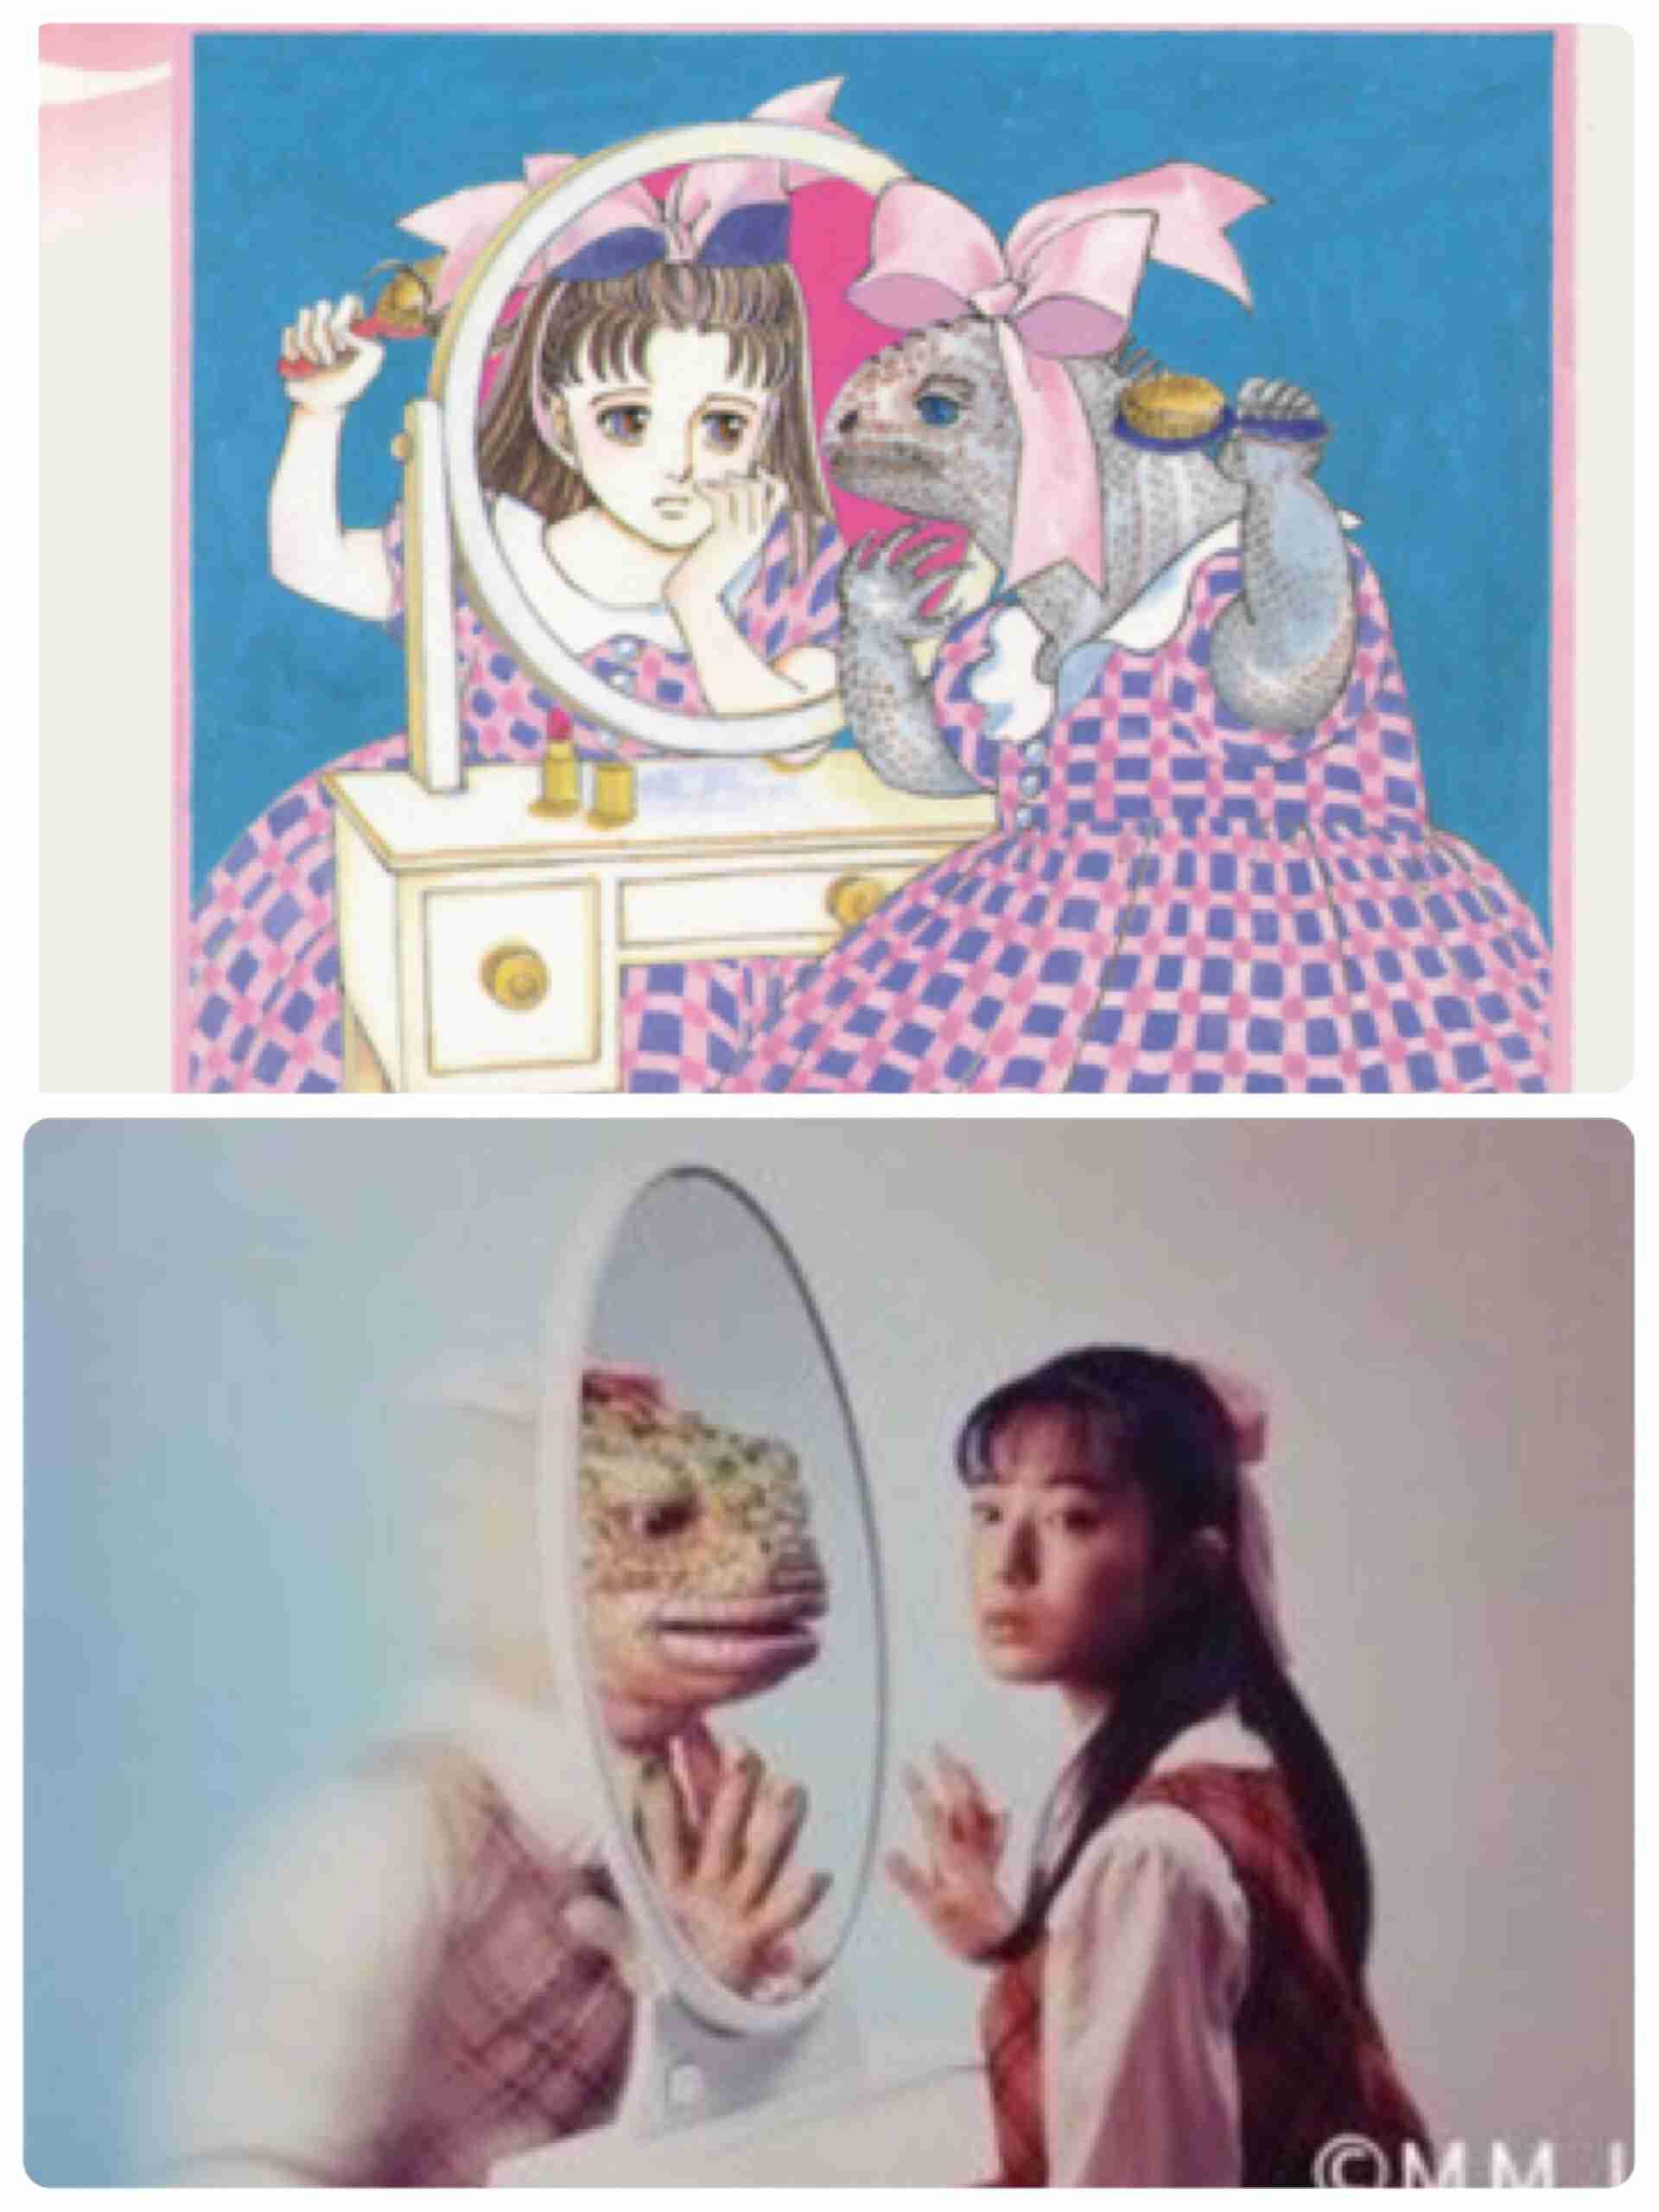 【映画・ドラマ】実写化画像と原作イラストの画像を貼るトピ Part2